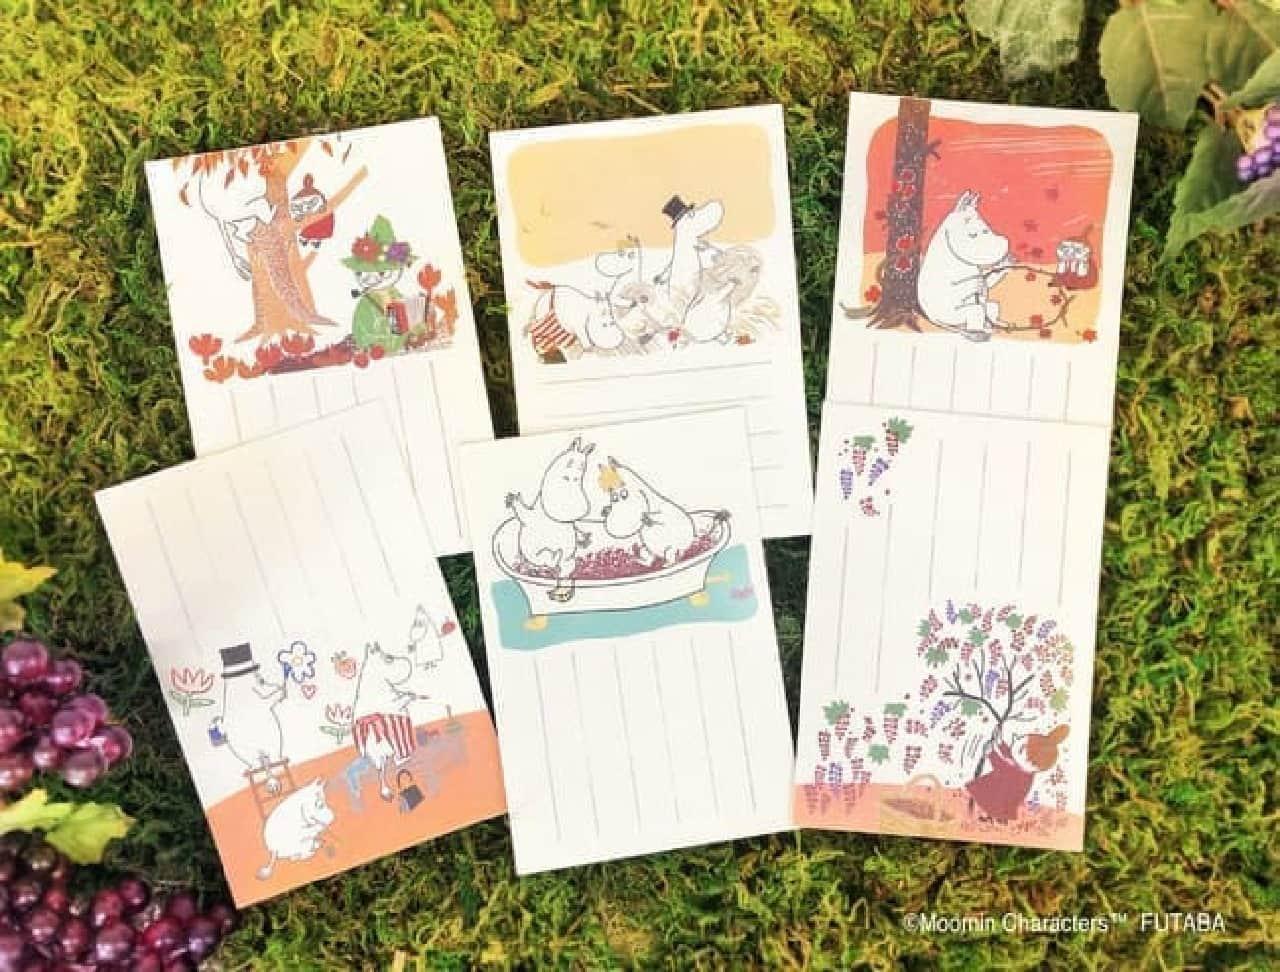 「伊予和紙 季節のムーミンはがき秋柄」発売 -- 紅葉・ぶどうなど秋のモチーフ